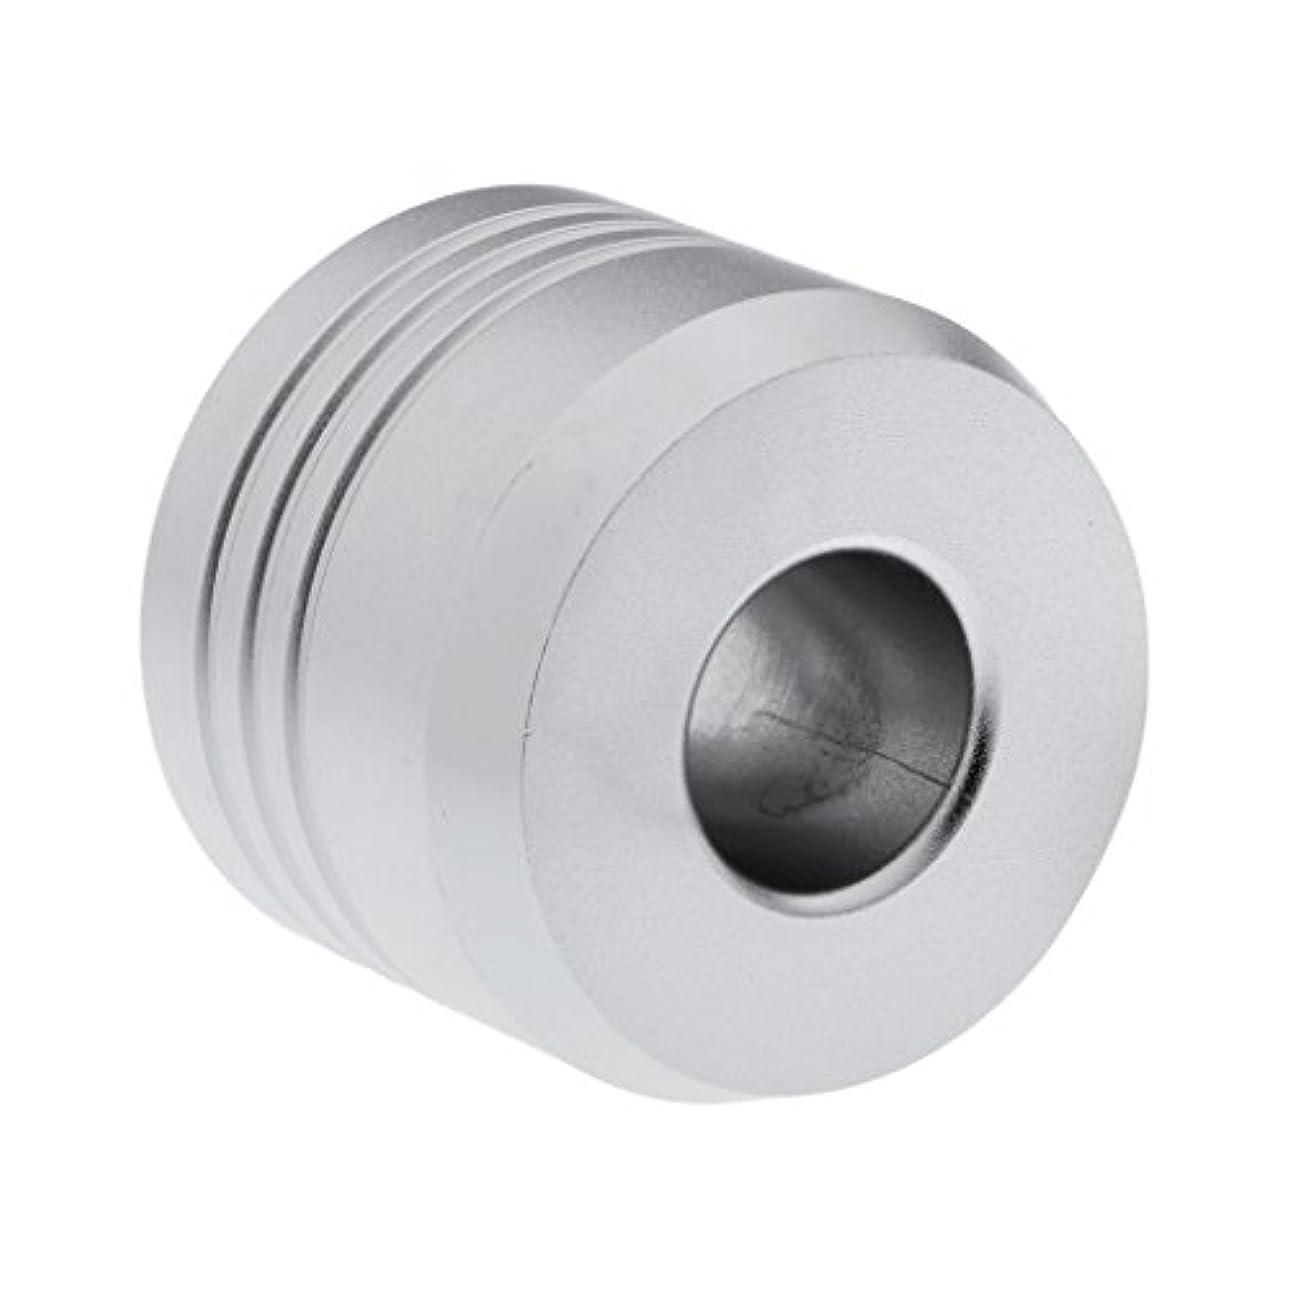 エロチック引き潮誤解するHomyl カミソリスタンド スタンド シェービング カミソリホルダー ベース サポート 調節可 ミニサイズ デザイン 場所を節約 2色選べ   - 銀